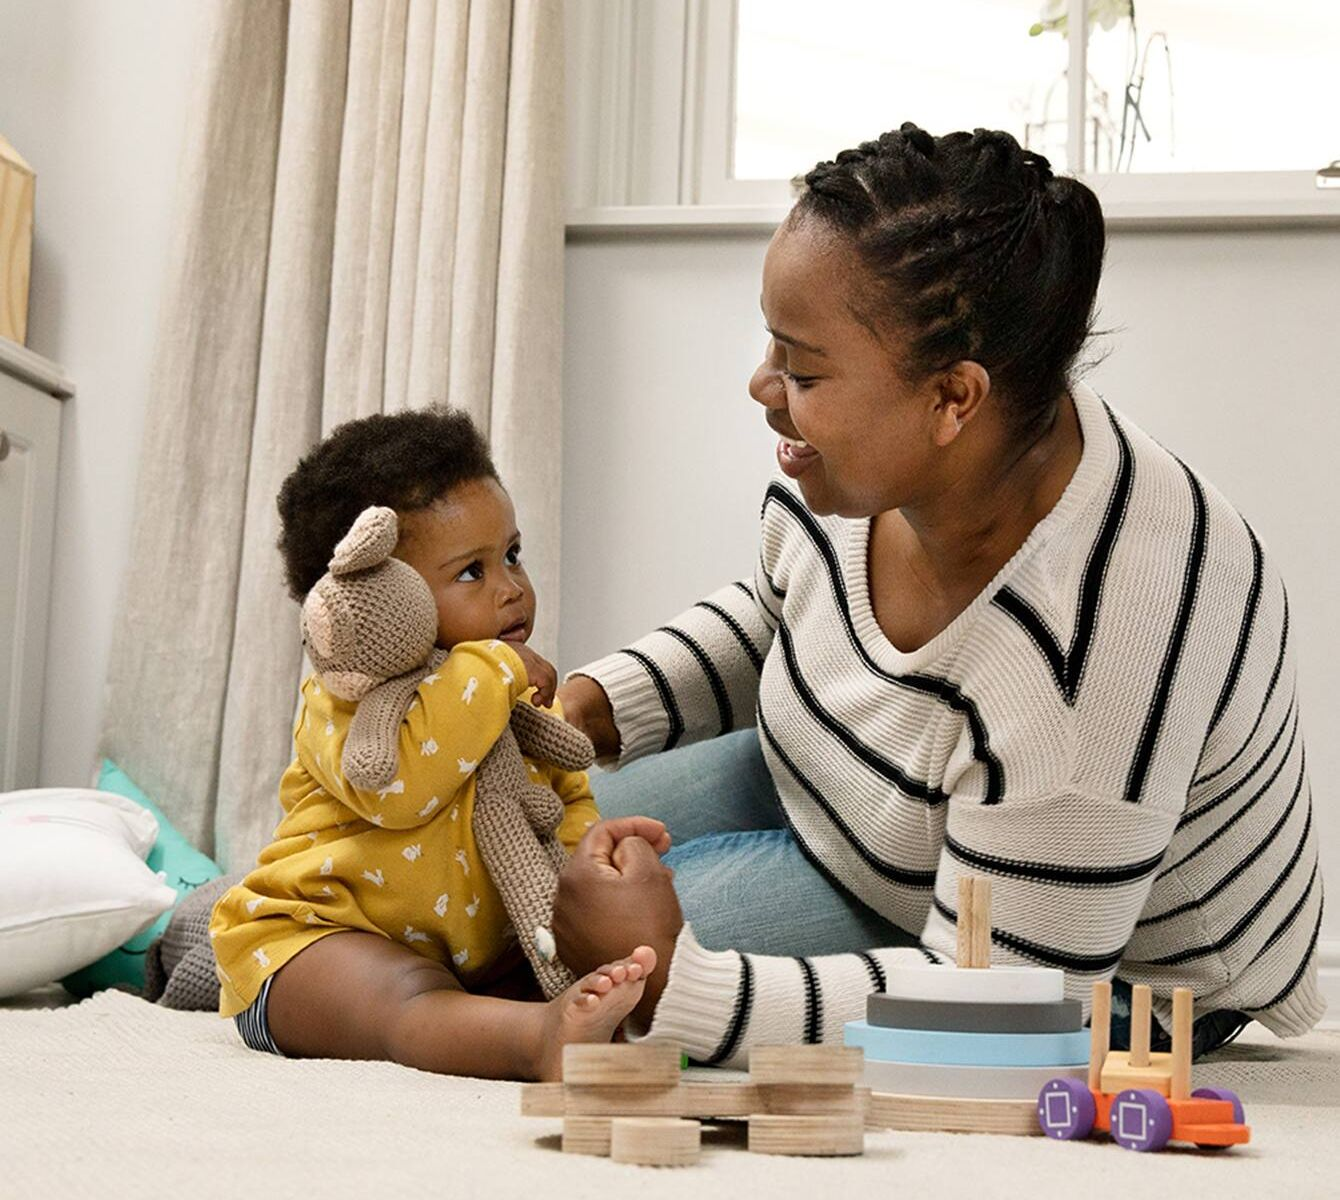 5 Sai lầm khi chăm sóc trẻ sơ sinh cha mẹ thường hay mắc phải